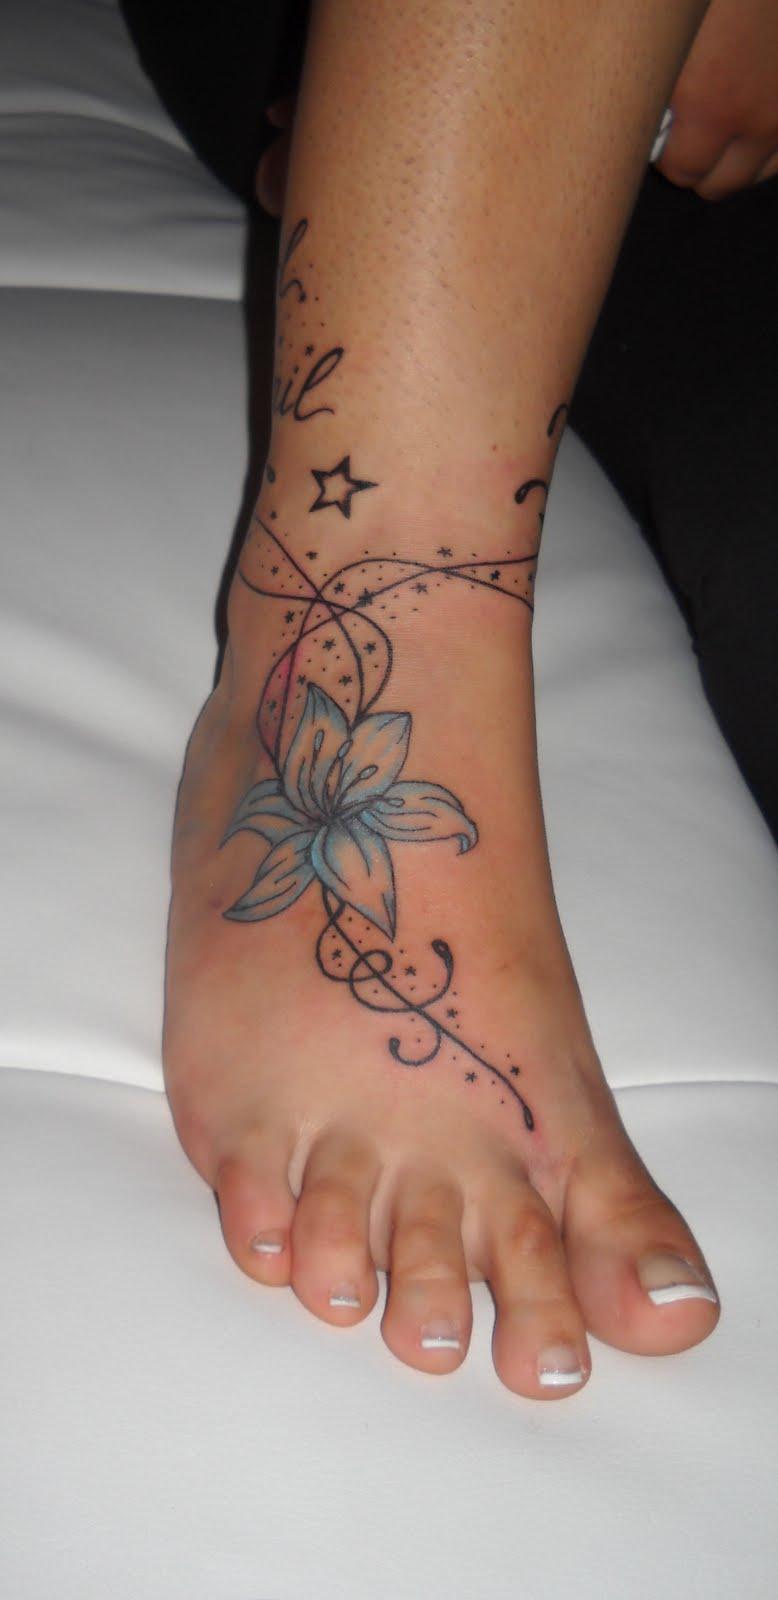 Vivere disegnando tatuaggi murales quadri e tutto ci che for Tatuaggi fiori sul piede